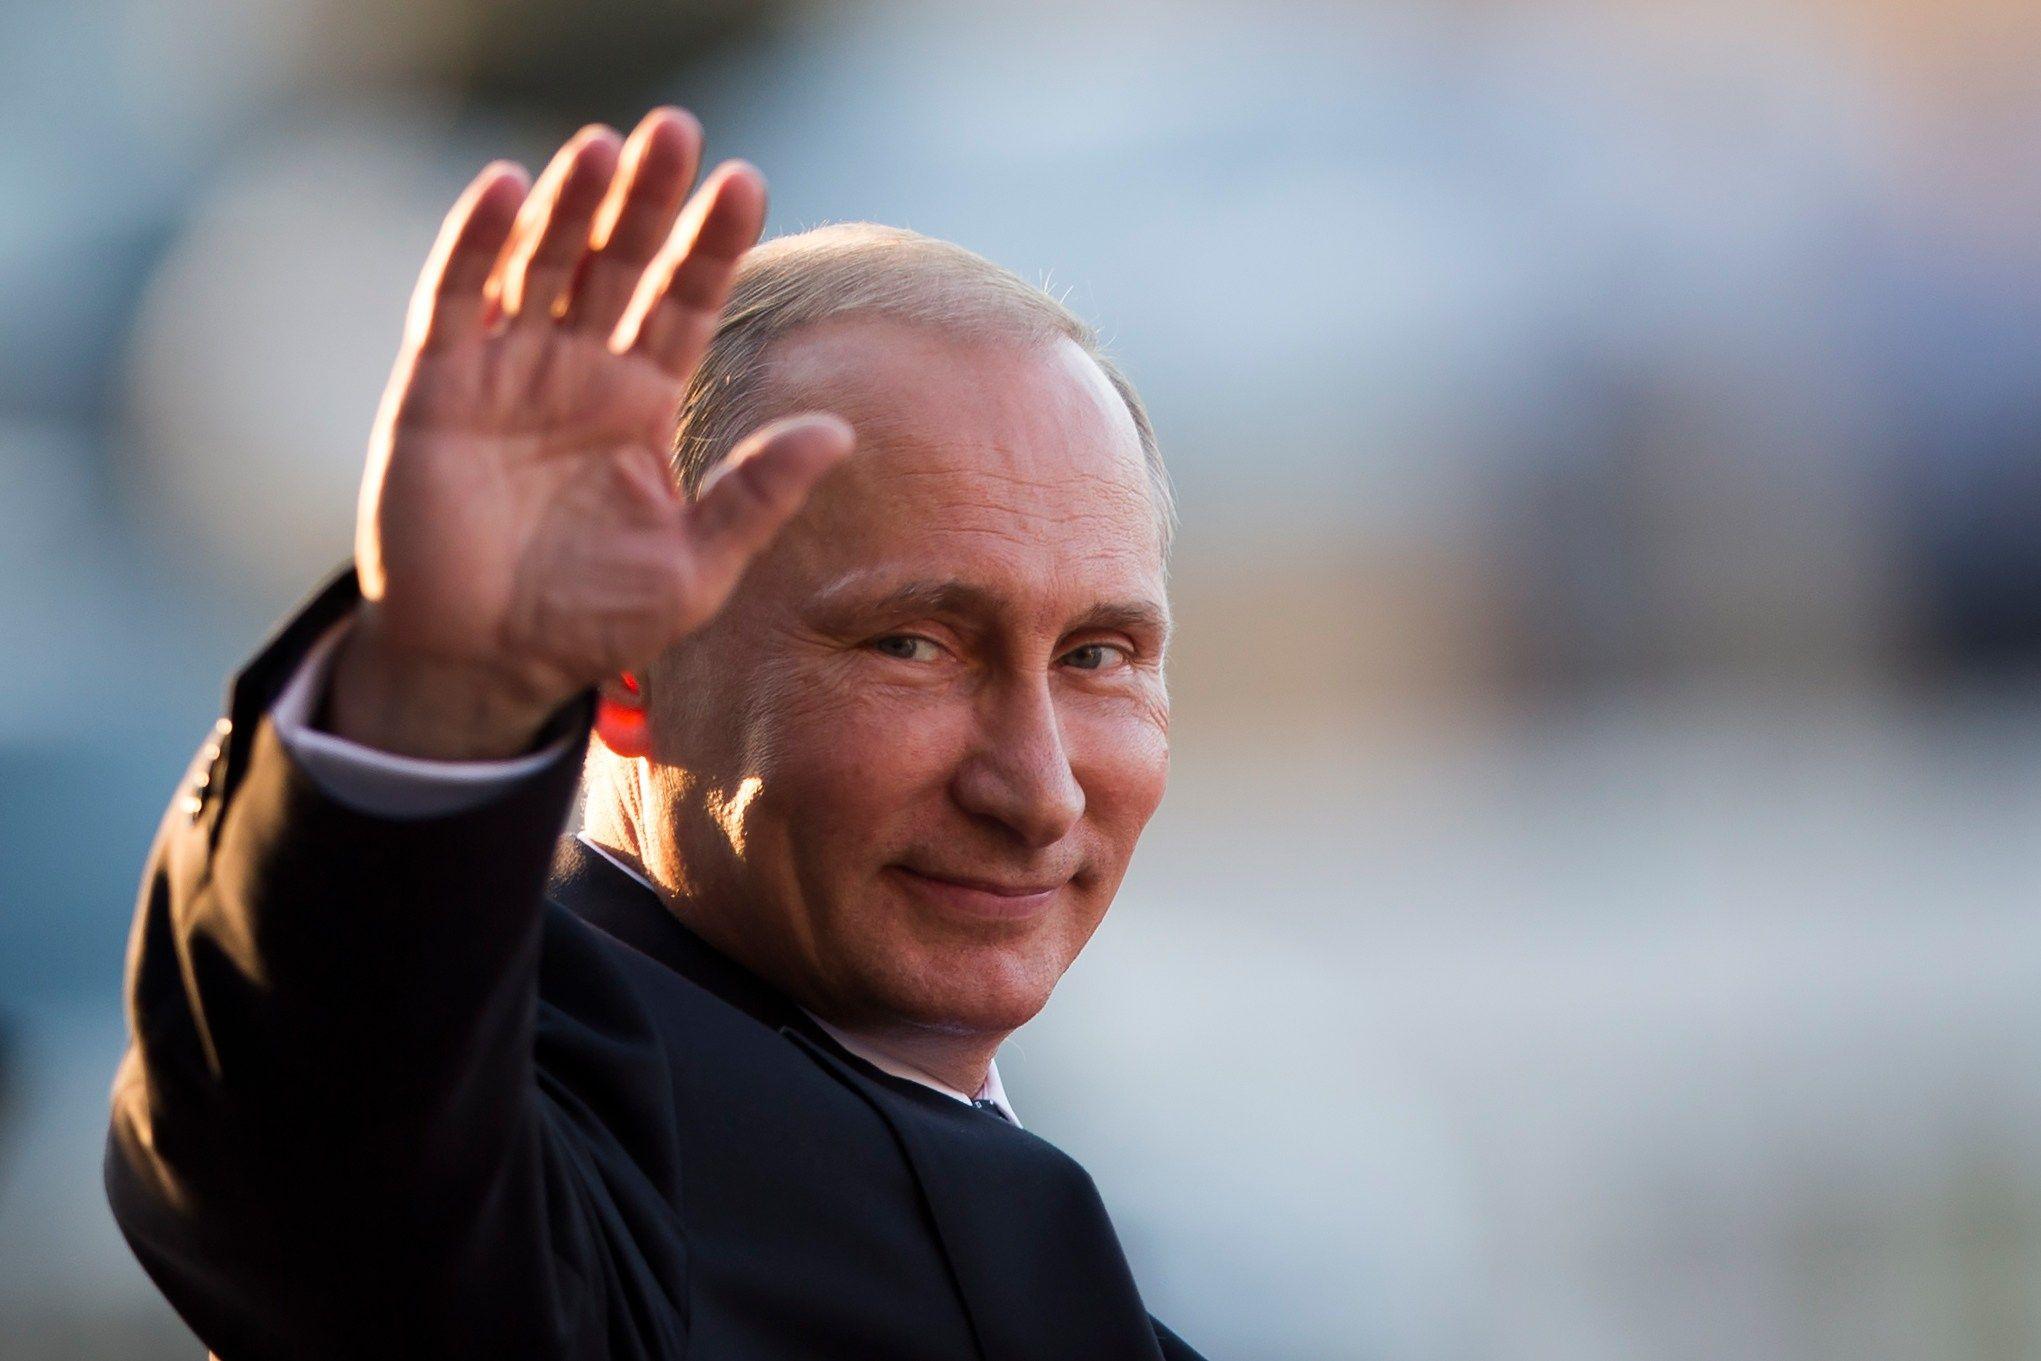 «Это в интересах Европы!»: немецкий политик уговаривает дружить с Россией